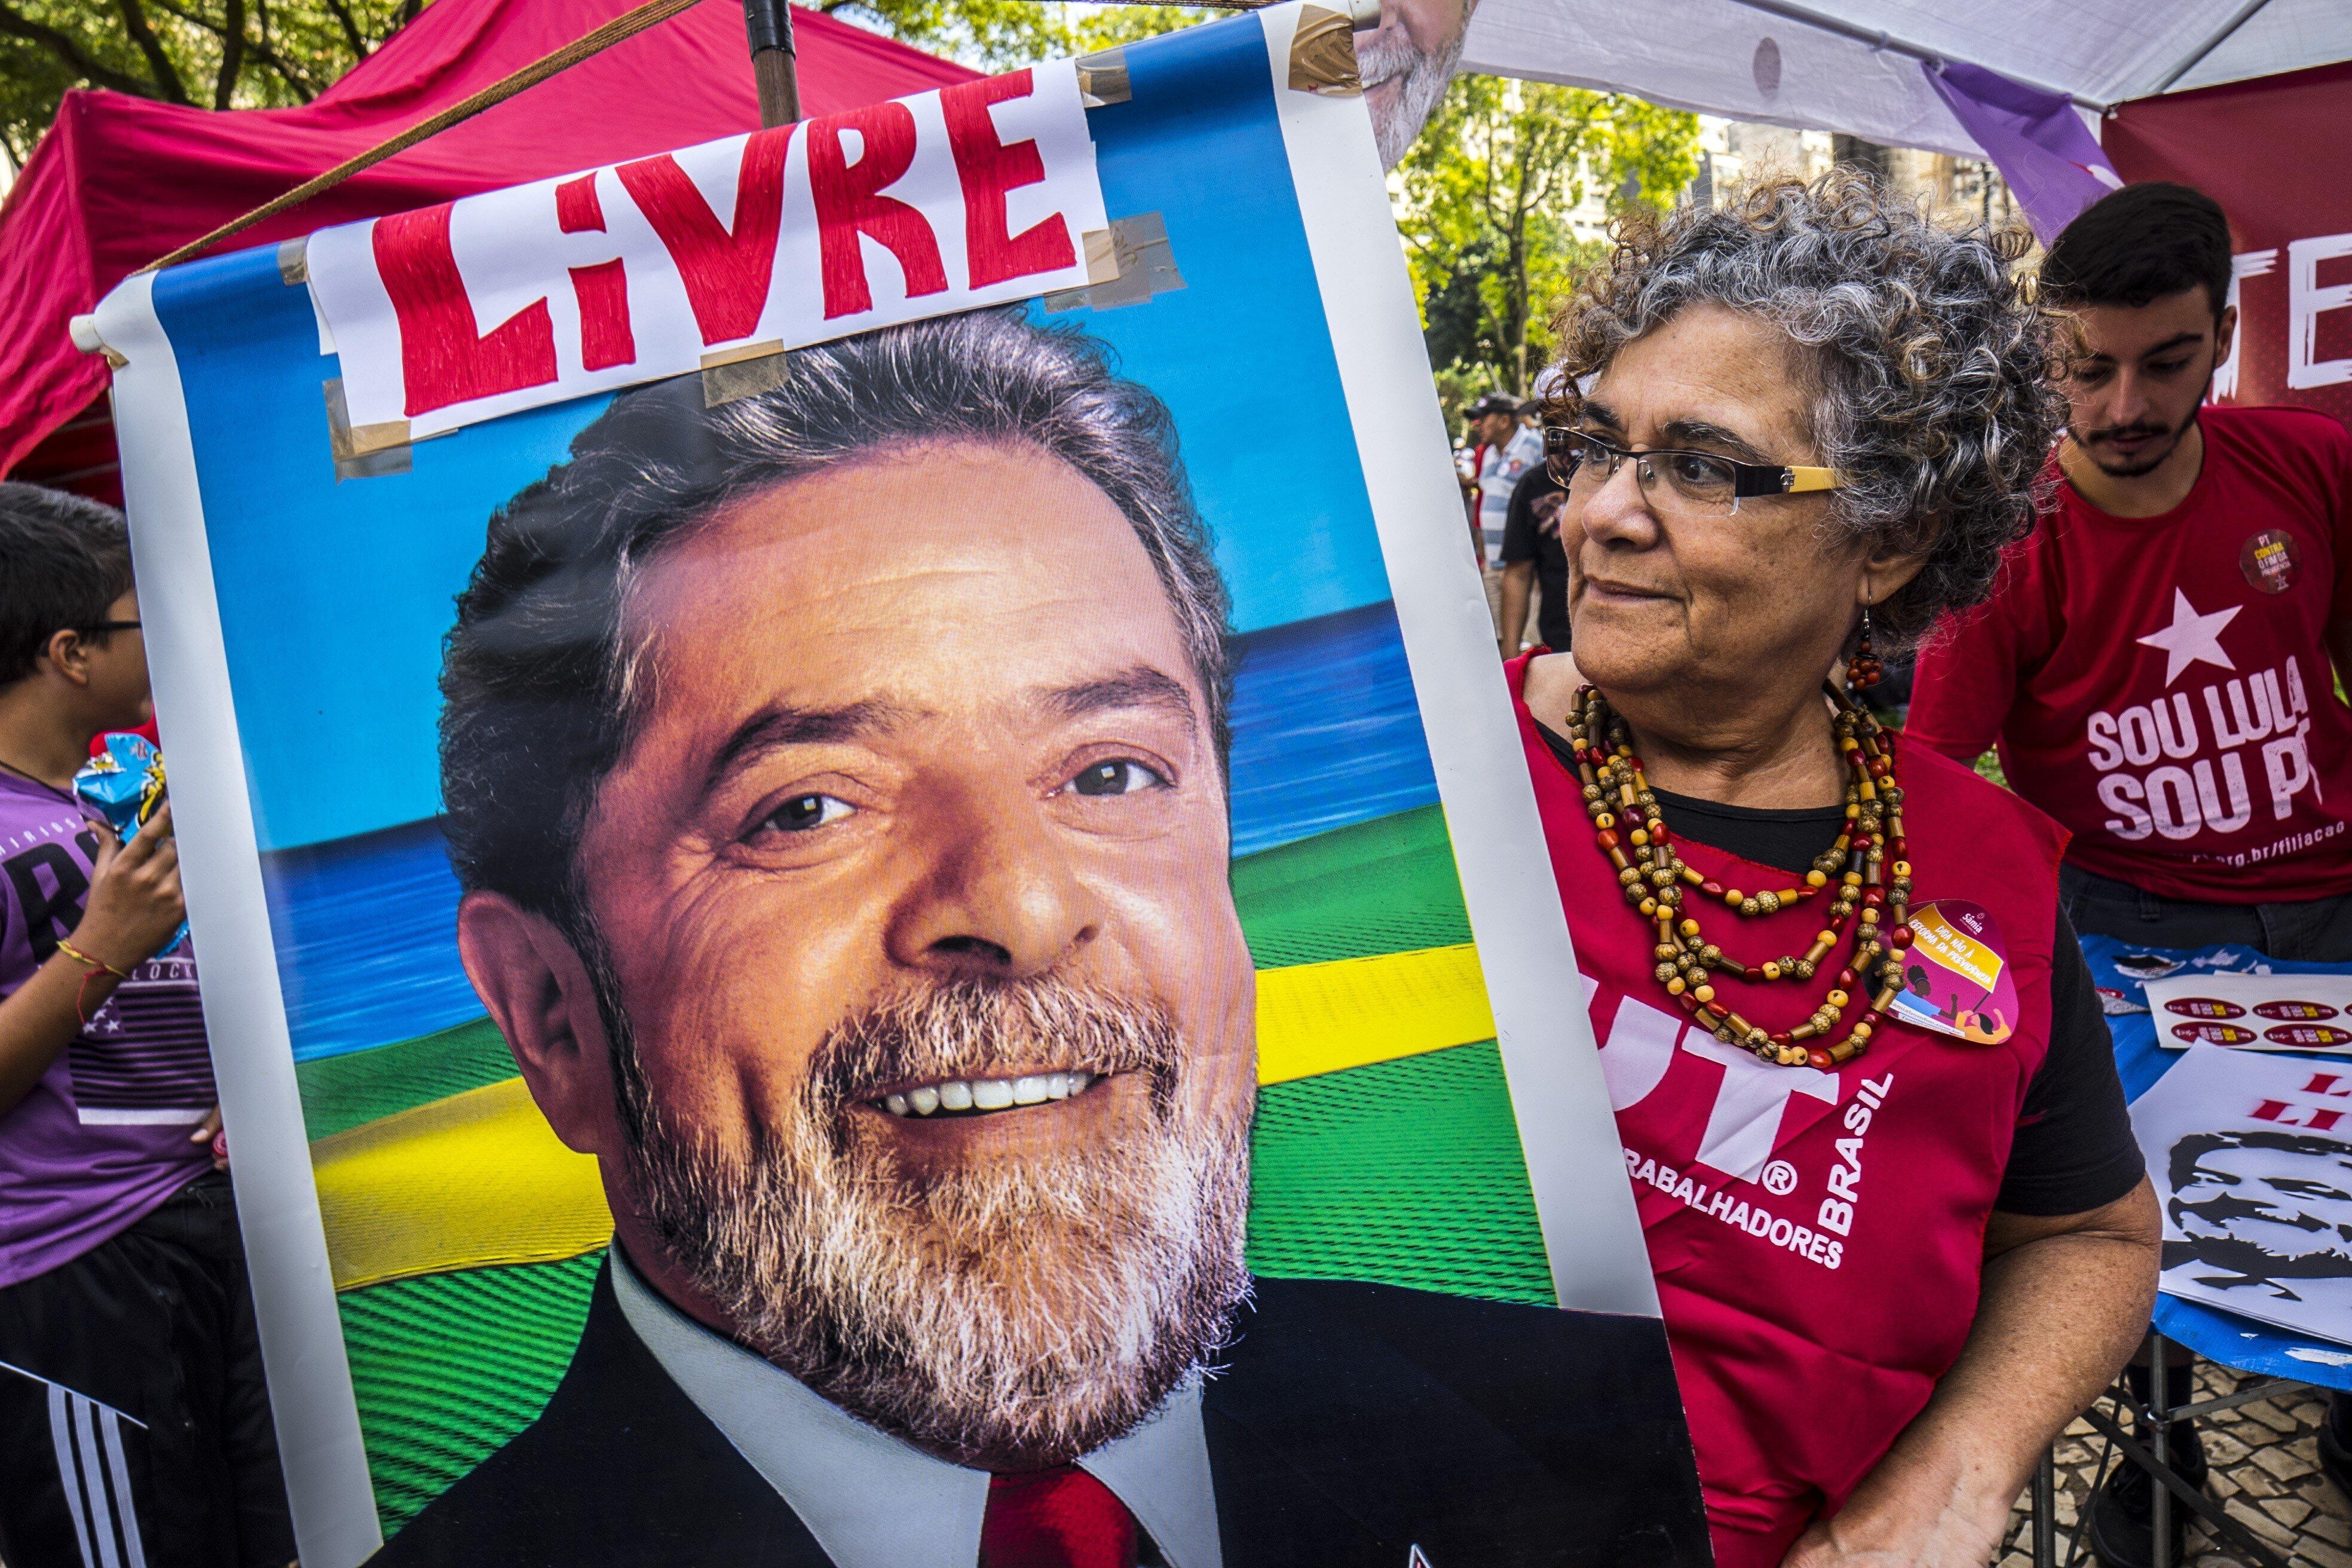 ΒΡΑΖΙΛΙΑ: Ο πρώην πρόεδρος Λούλα διαφωνεί με την χρήση των όπλων ως λύση του προβλήματος βίας στην